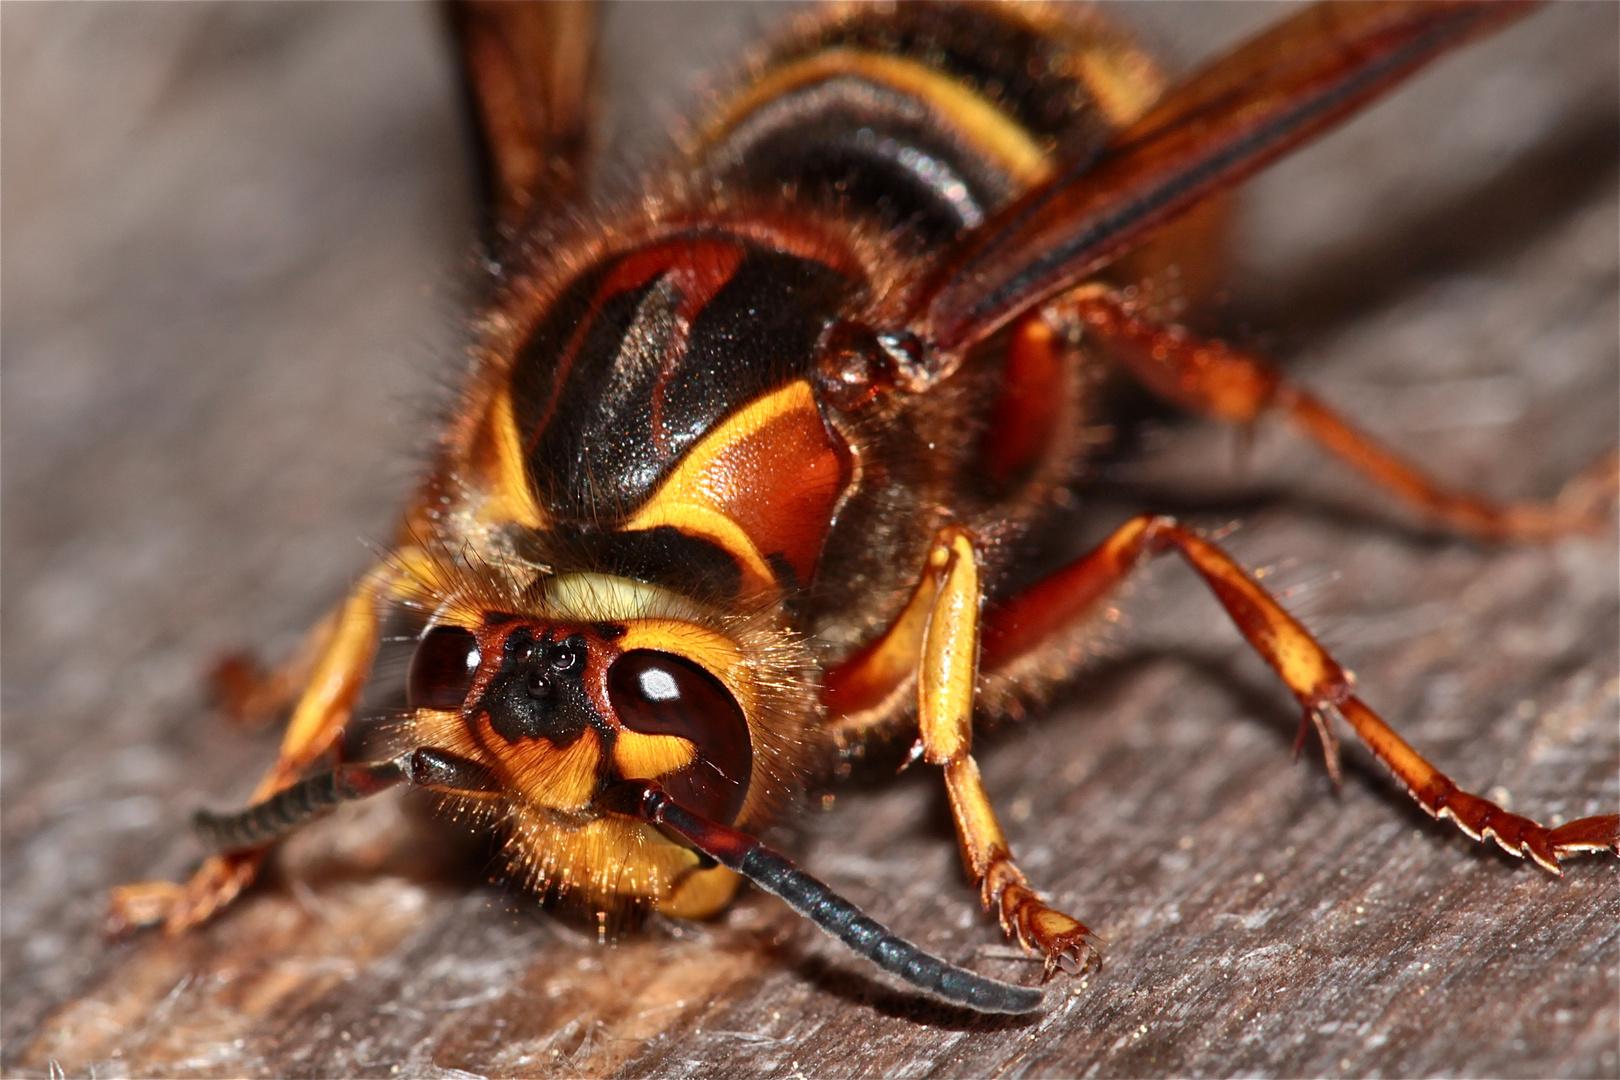 Süßholz raspeln wird sie nicht, die Hornisse (Vespa crabro) - eher Fichte (-: !